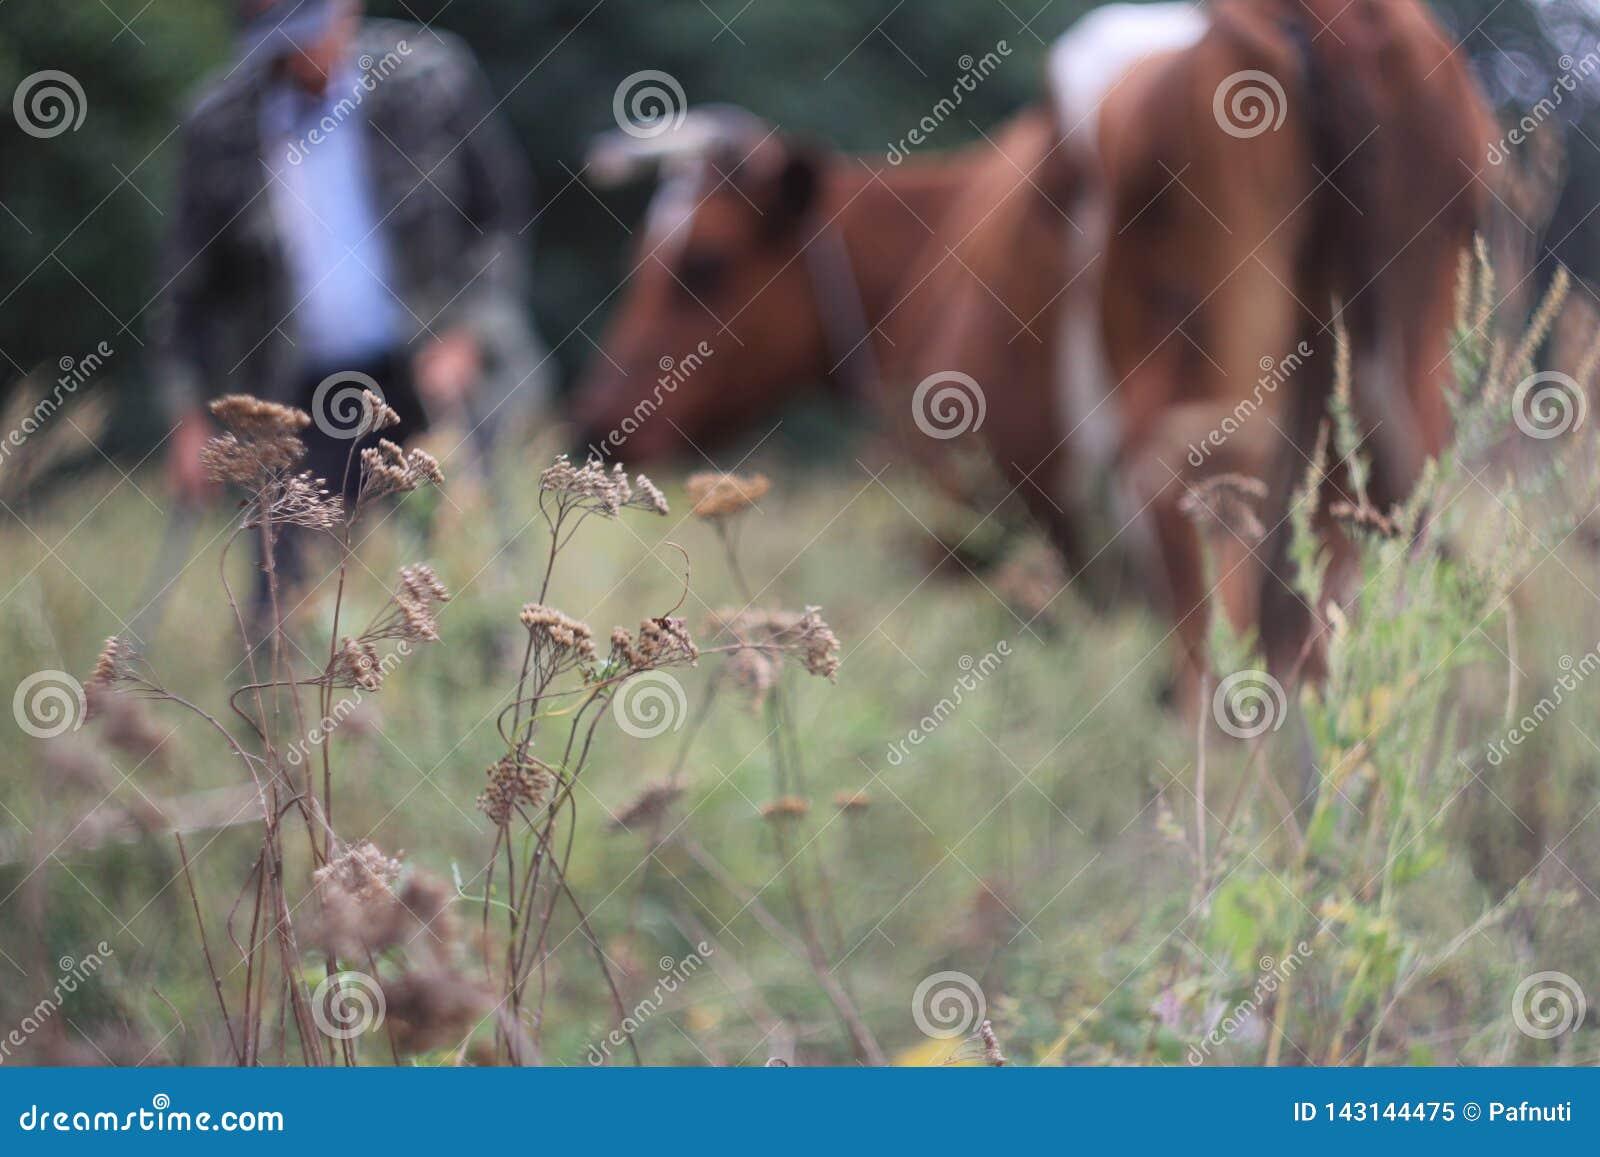 Sikten av betar med en bonde och en ko i bakgrunden ut ur fokus